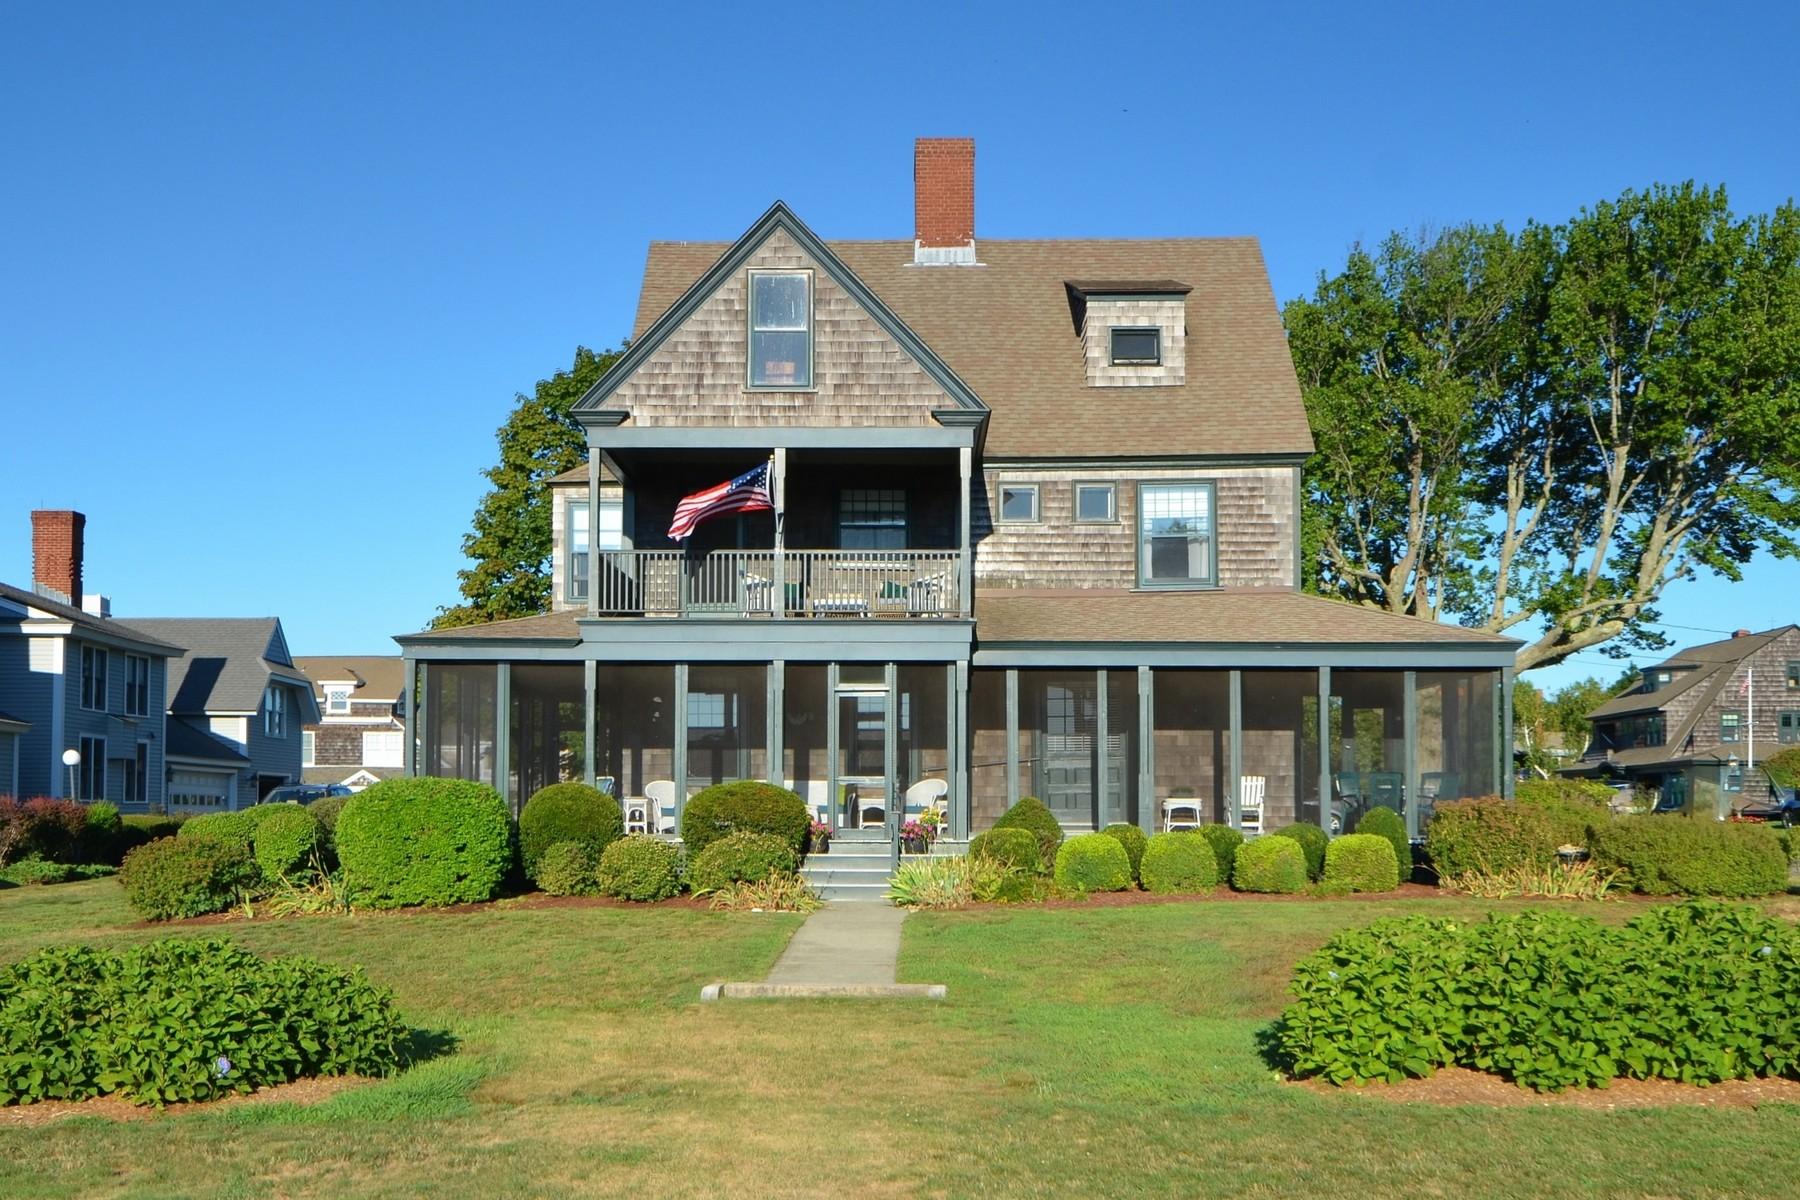 獨棟家庭住宅 為 出售 在 Classic Fenwick Cottage Has Spectacular Views 28 Fenwick Ave Old Saybrook, 康涅狄格州, 06475 美國